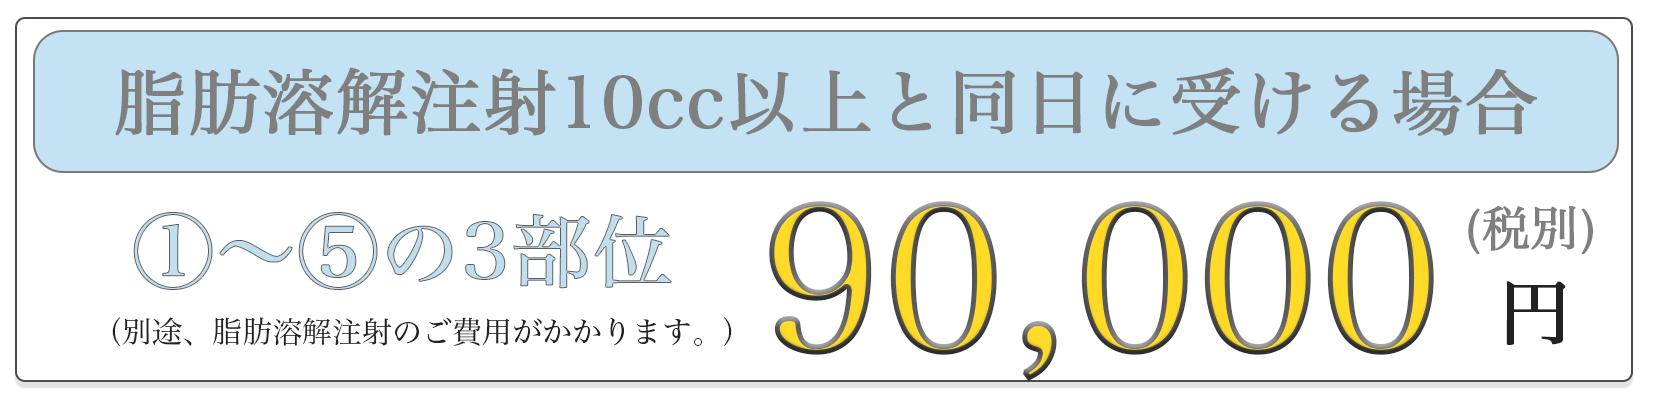 ウルトラセルQ+90,000円